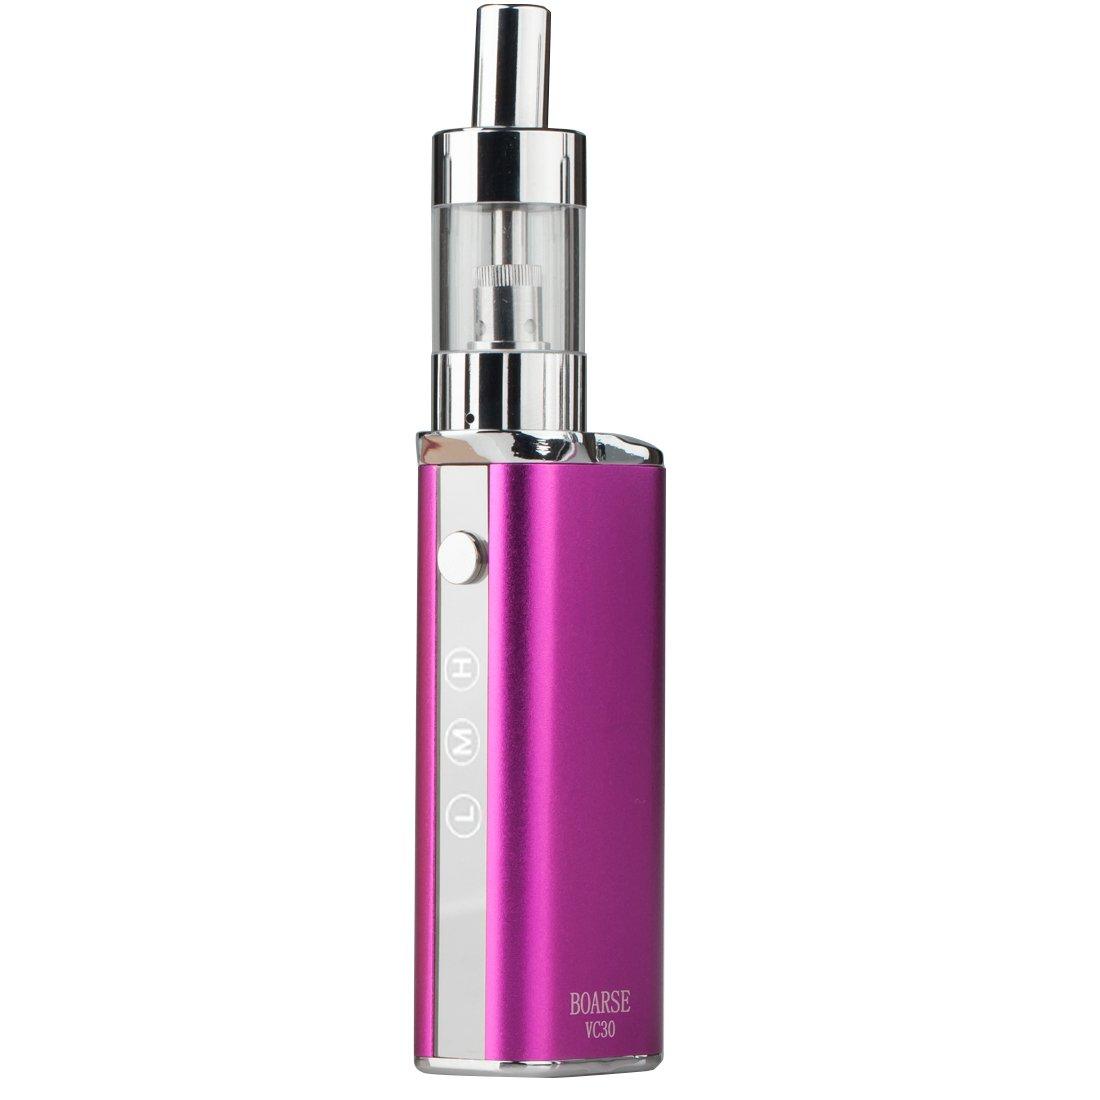 YESDA Cigarrillo Electrónico, 30W Función de Relleno a Tope Atomizer,Atomizadore Vapeador Kit de cigarrillo electrónico, 2200mah Batería, ...